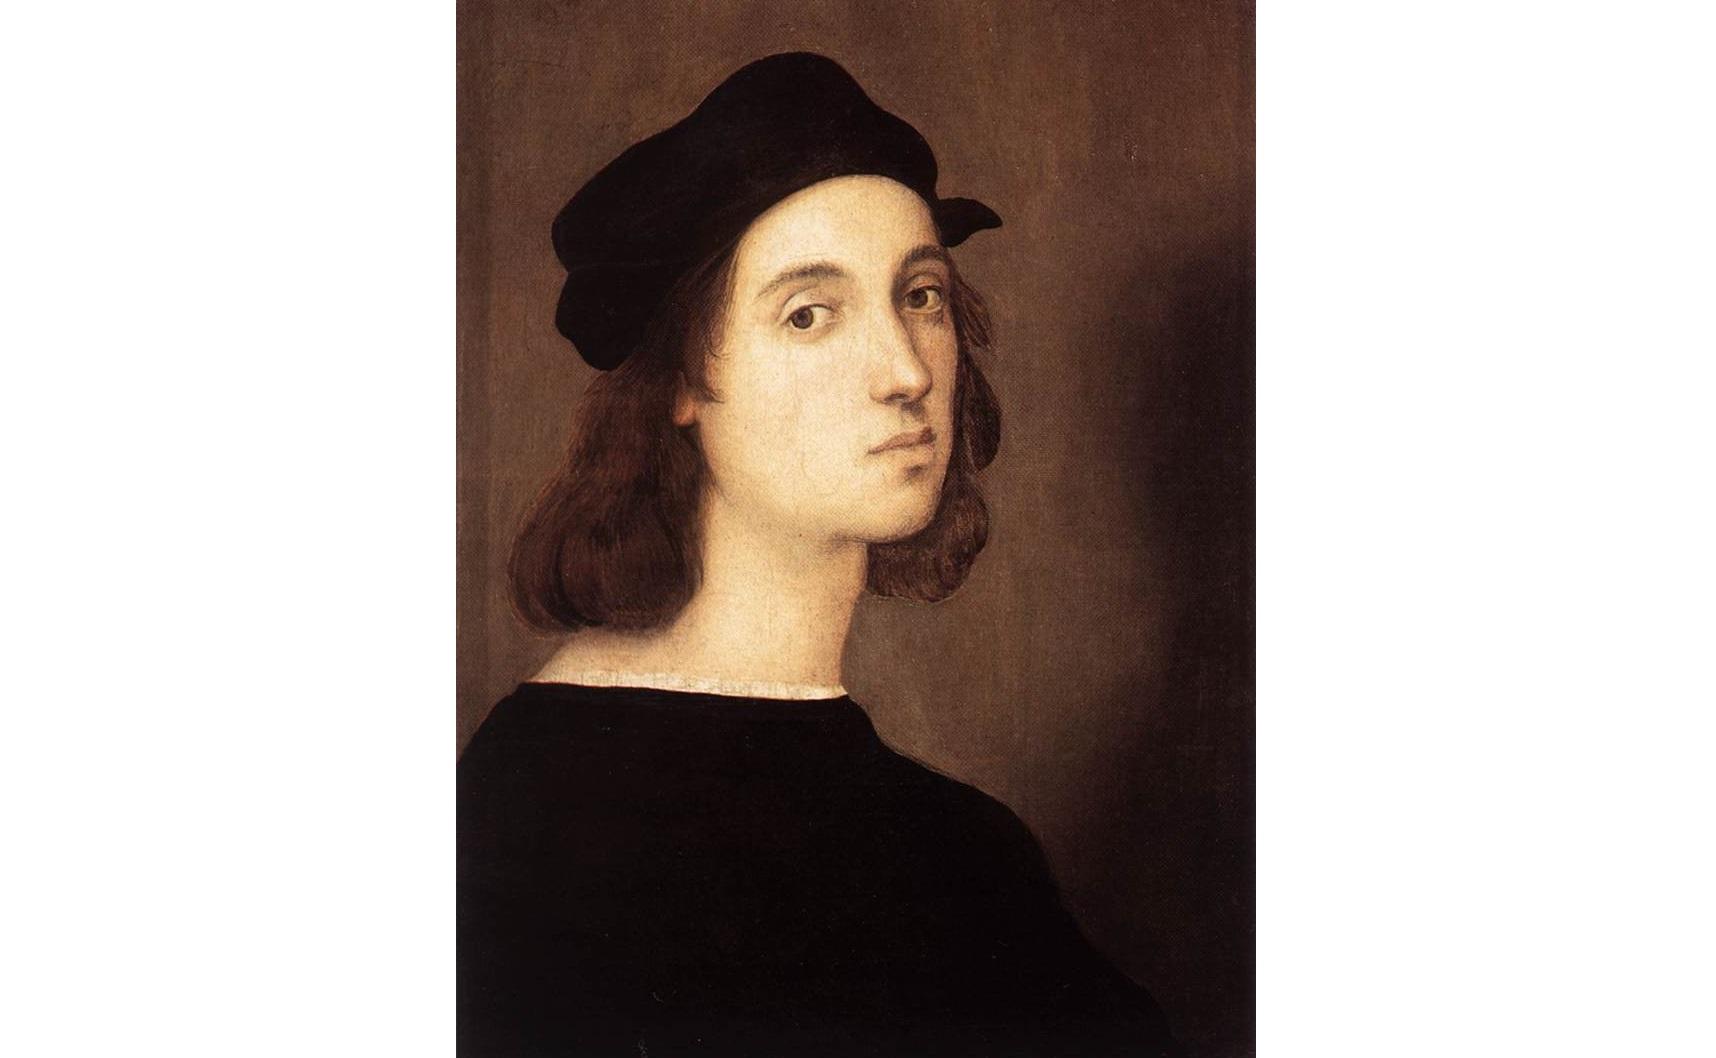 Autorretrato, pintado por Rafael por volta de 1506